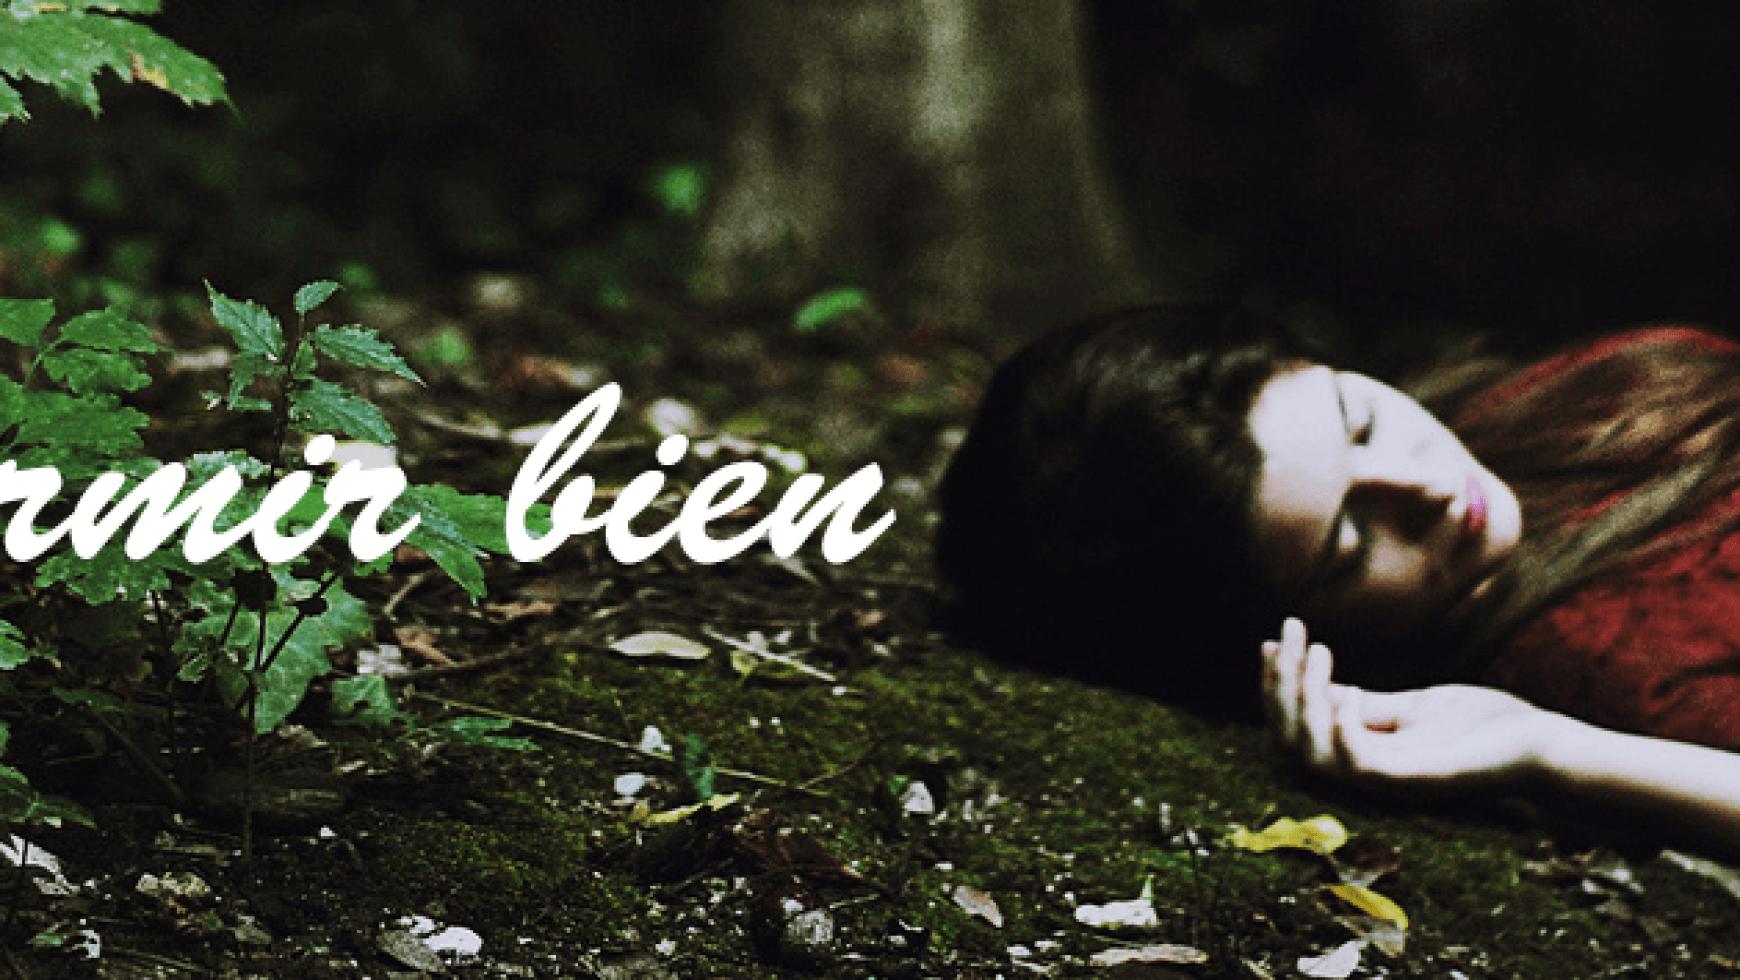 Predicacion: Dormir bien (04/05/2014)